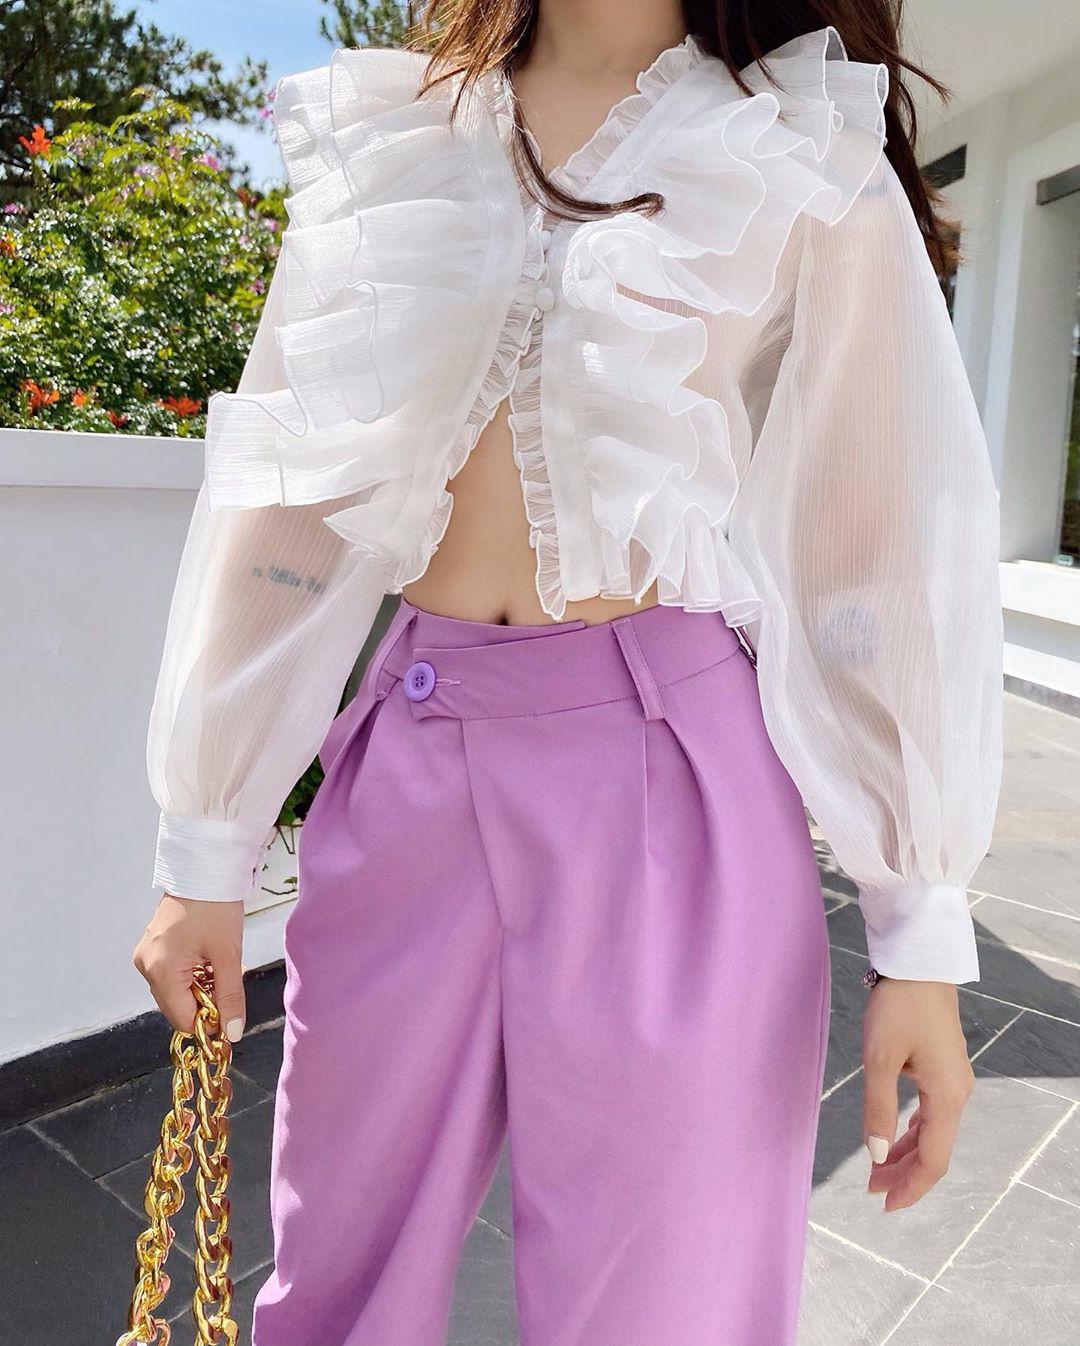 """Áo blouse xếp bèo thấy """"bánh bèo"""" nhưng diện lên rất xinh, 10 item giá """"mềm"""" chỉ từ 220k sẽ khiến bạn khó kìm lòng - Ảnh 9."""